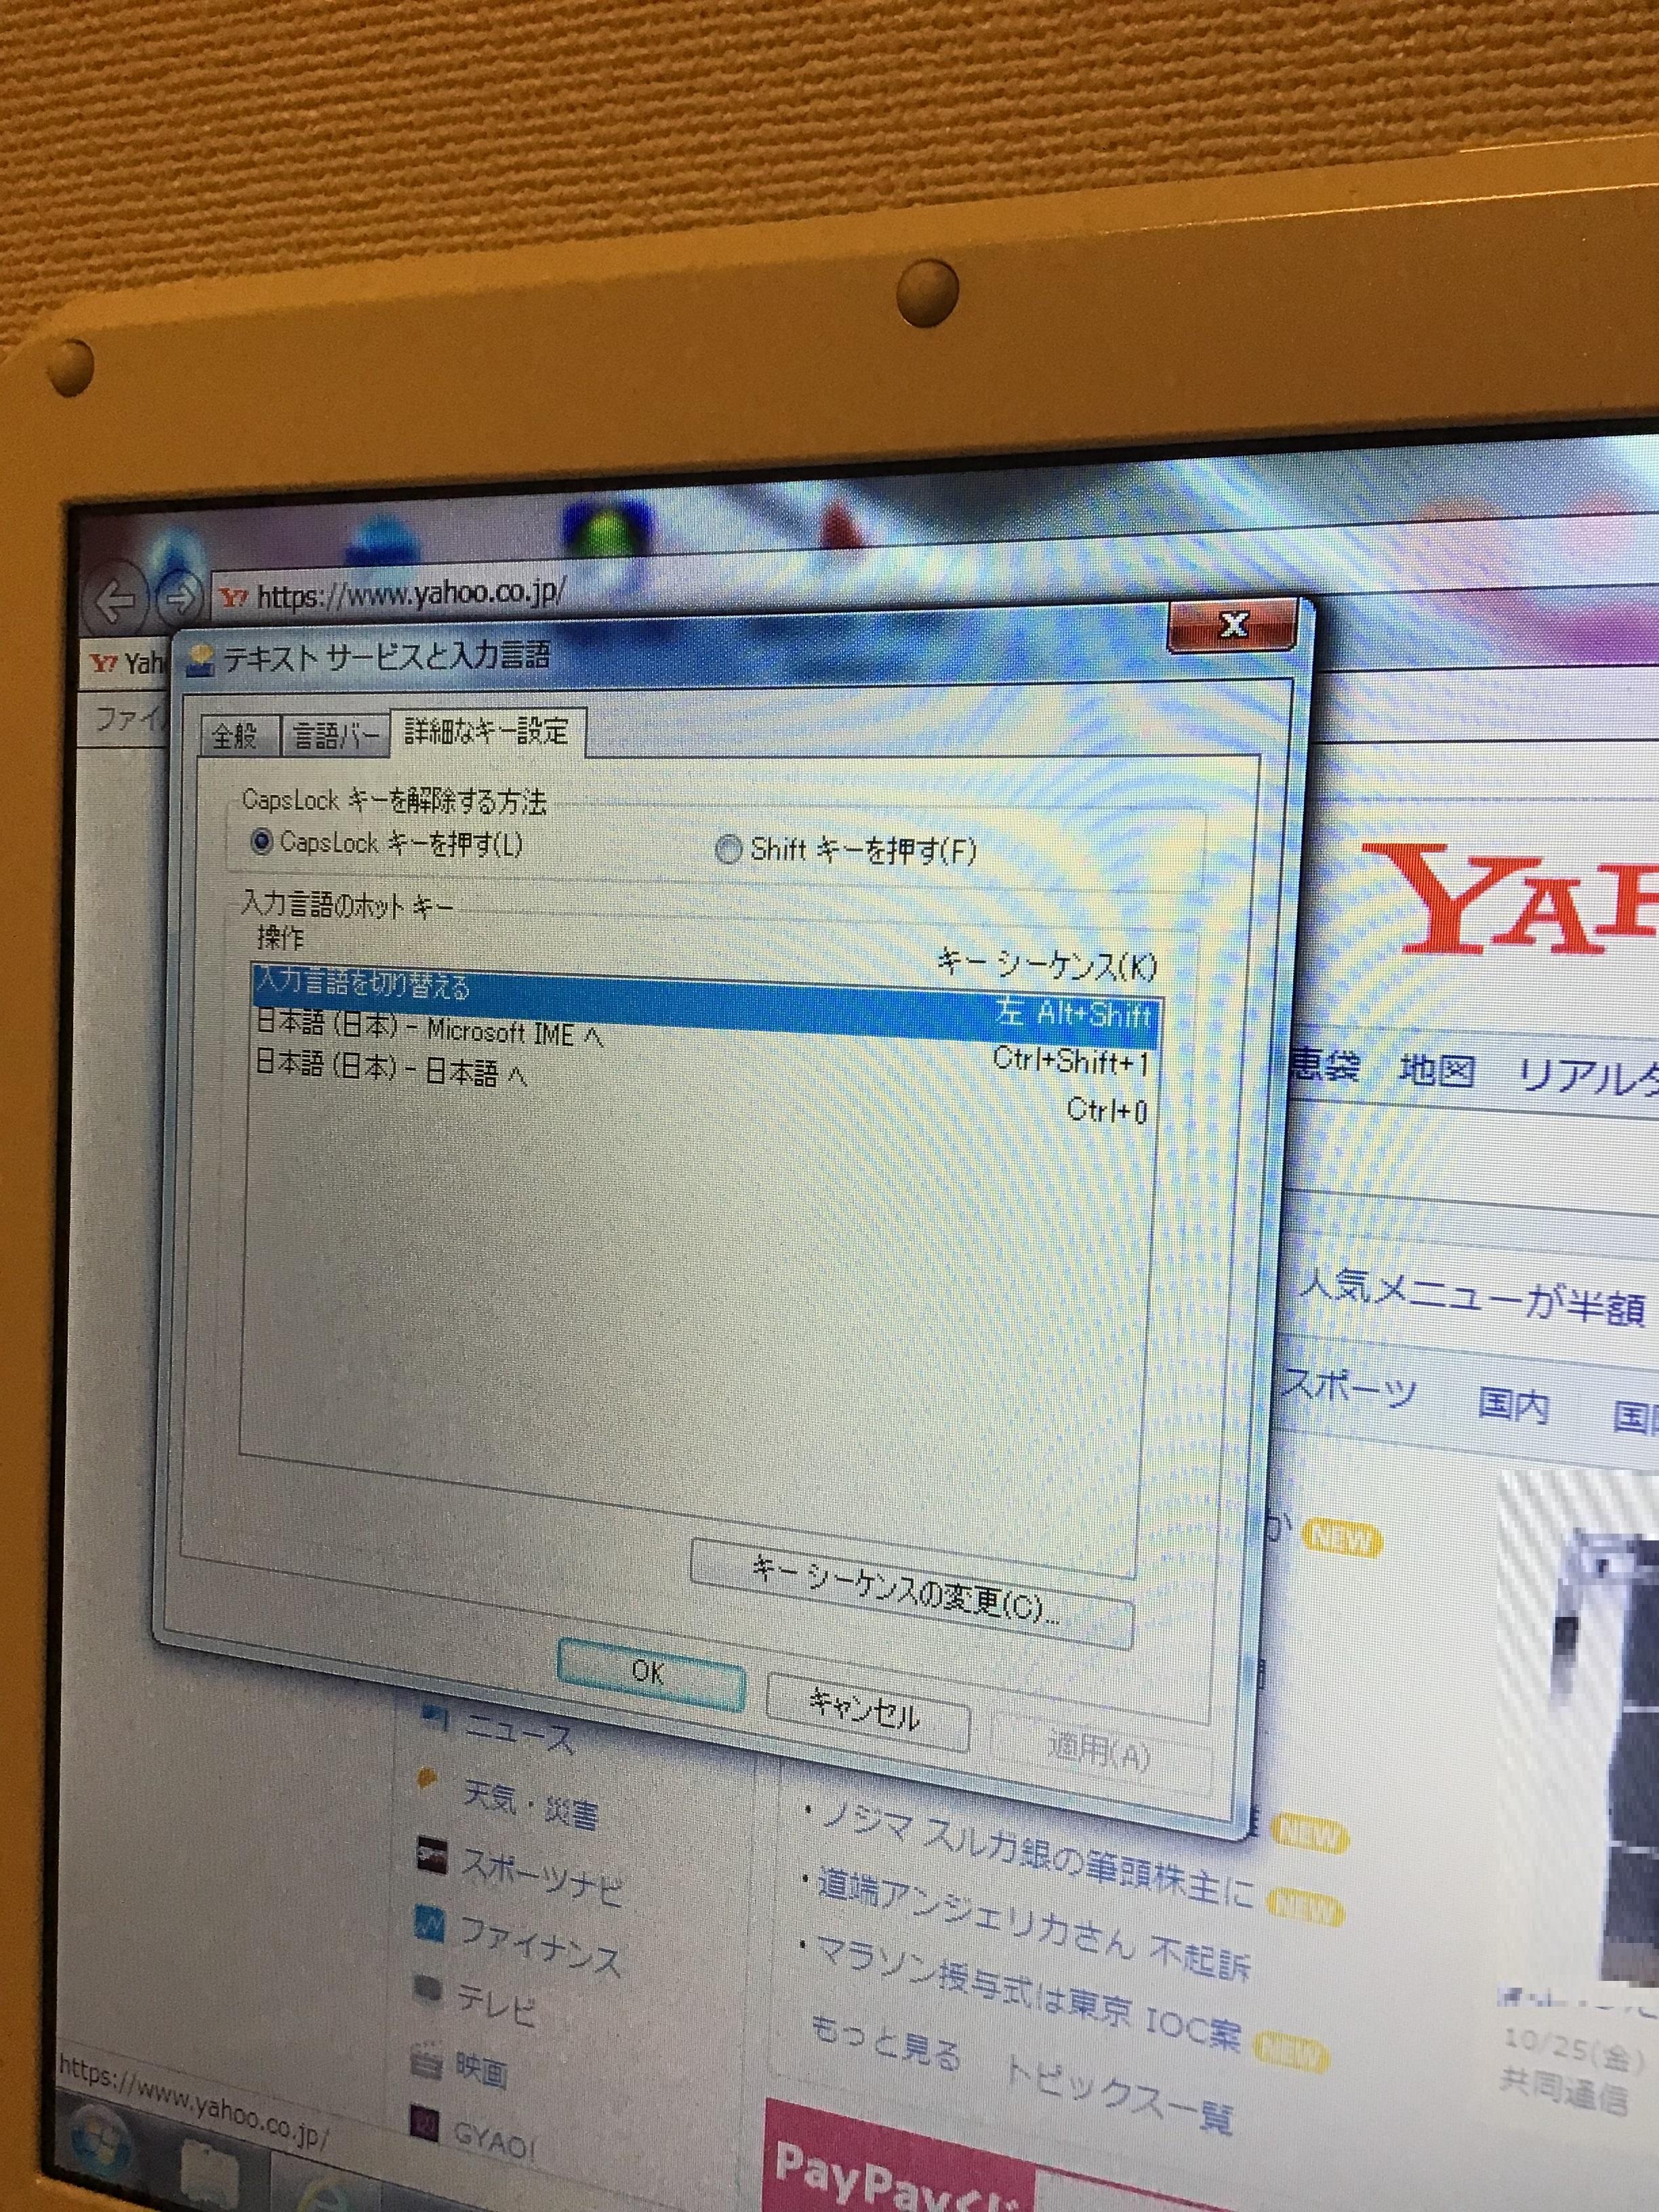 東京都板橋区 ノートパソコンでインターネット検索時に、ローマ字しか打てない/NEC Windows10のイメージ